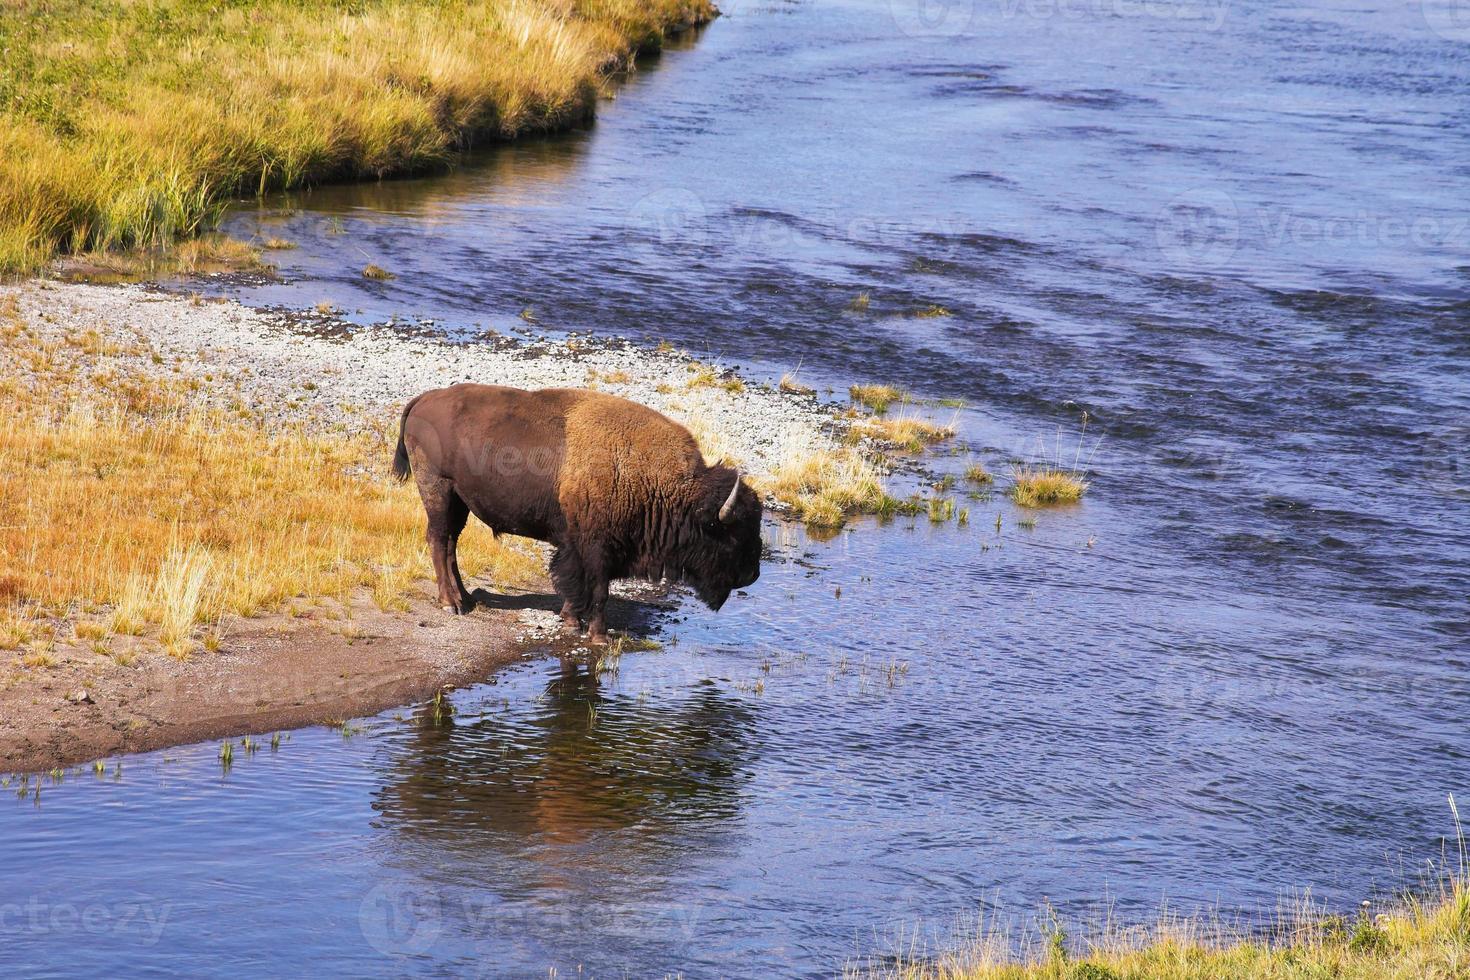 le bison boit de l'eau photo